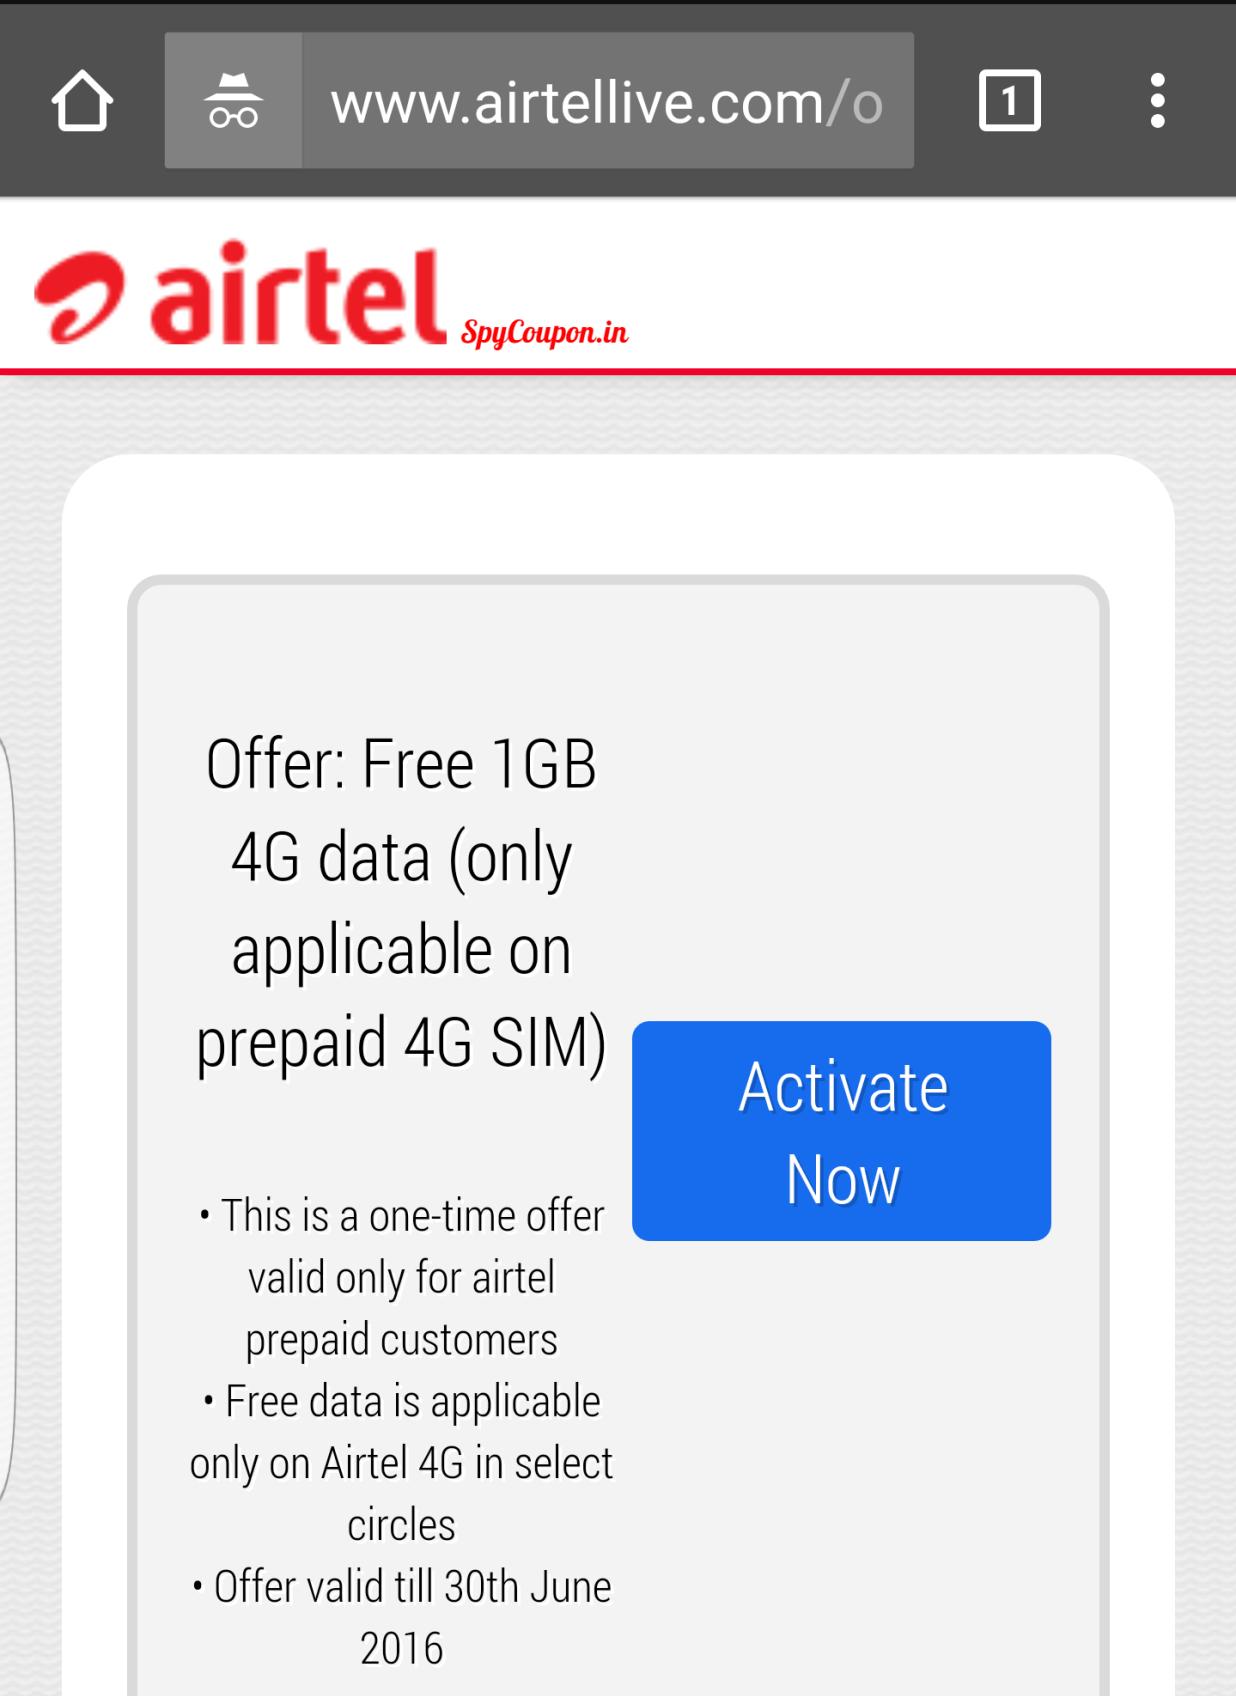 96b97a11e14966b79172450b7c86a121 - How To Get Free Internet On Airtel Prepaid Sim